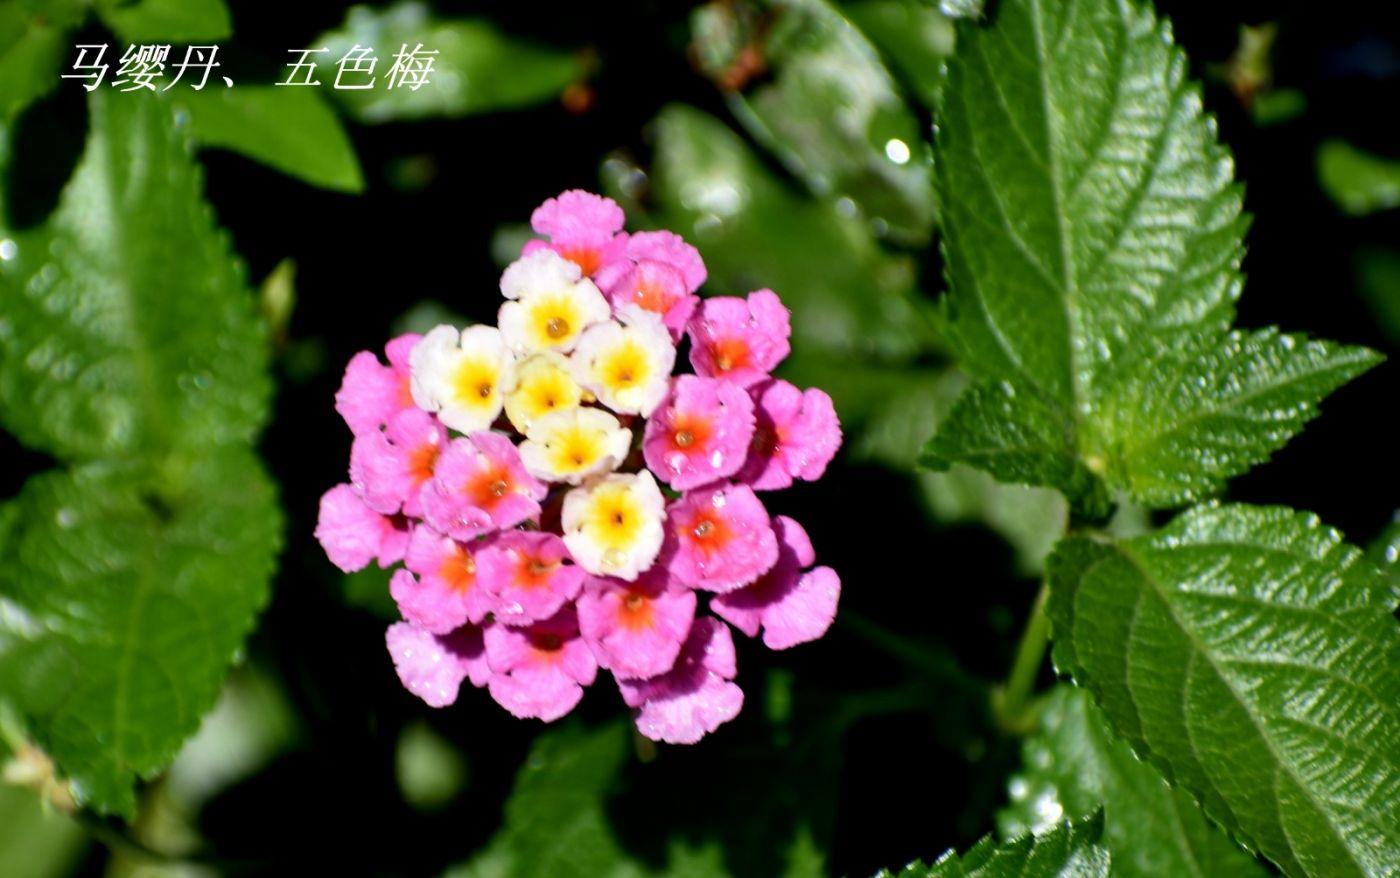 花草图谱 (3)_图1-4